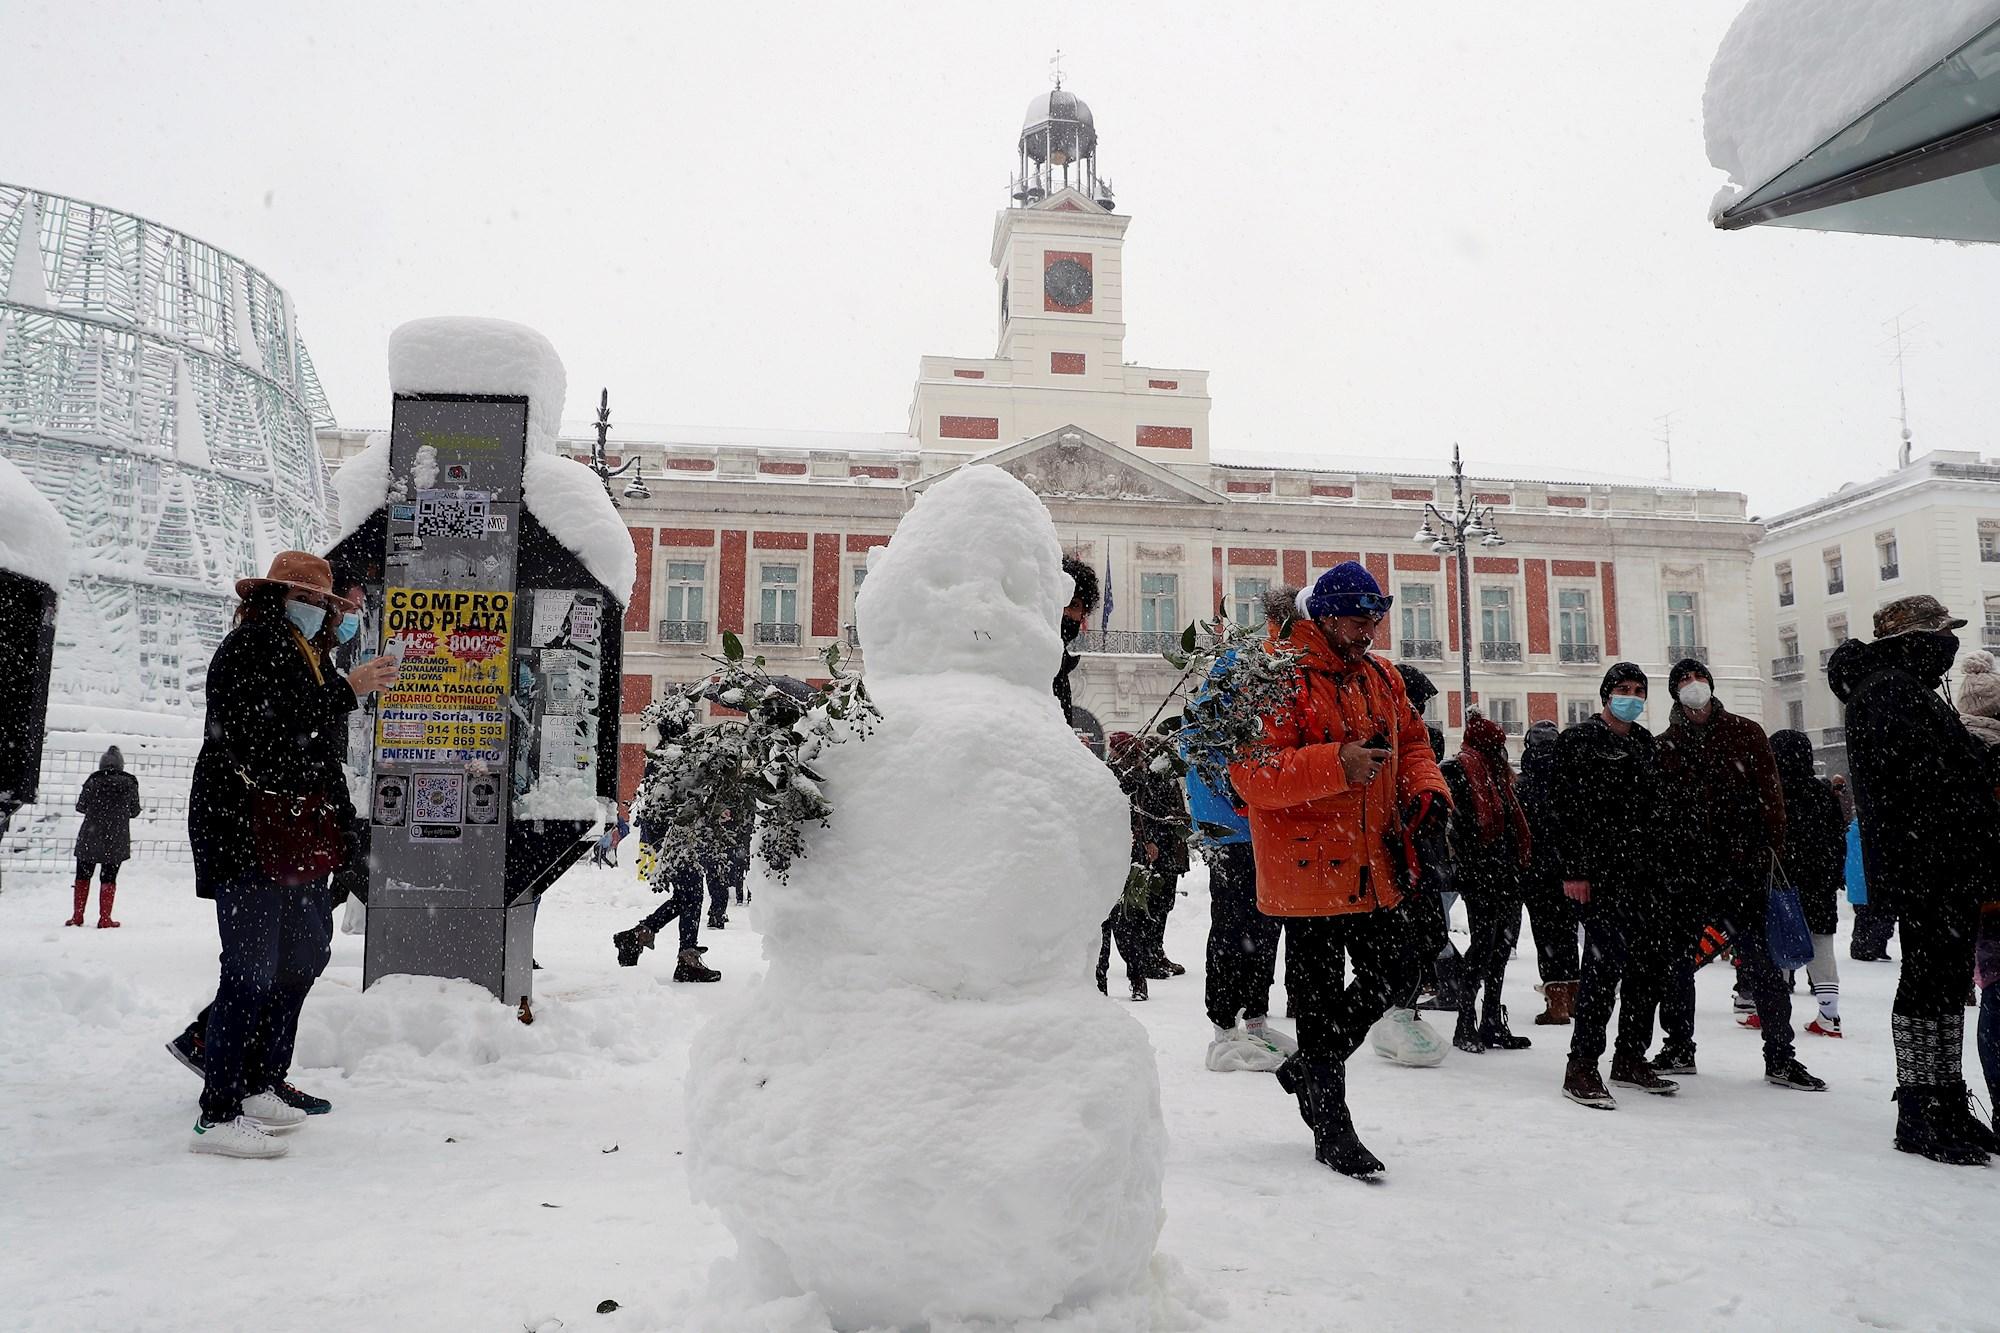 Nieve en la puerta del Sol, en Madrid, este sábado en el que la península sigue afectada por el temporal Filomena que deja grandes nevadas y temperaturas más bajas de lo habitual que bajarán drásticamente los próximos días. EFE/Kiko Huesca